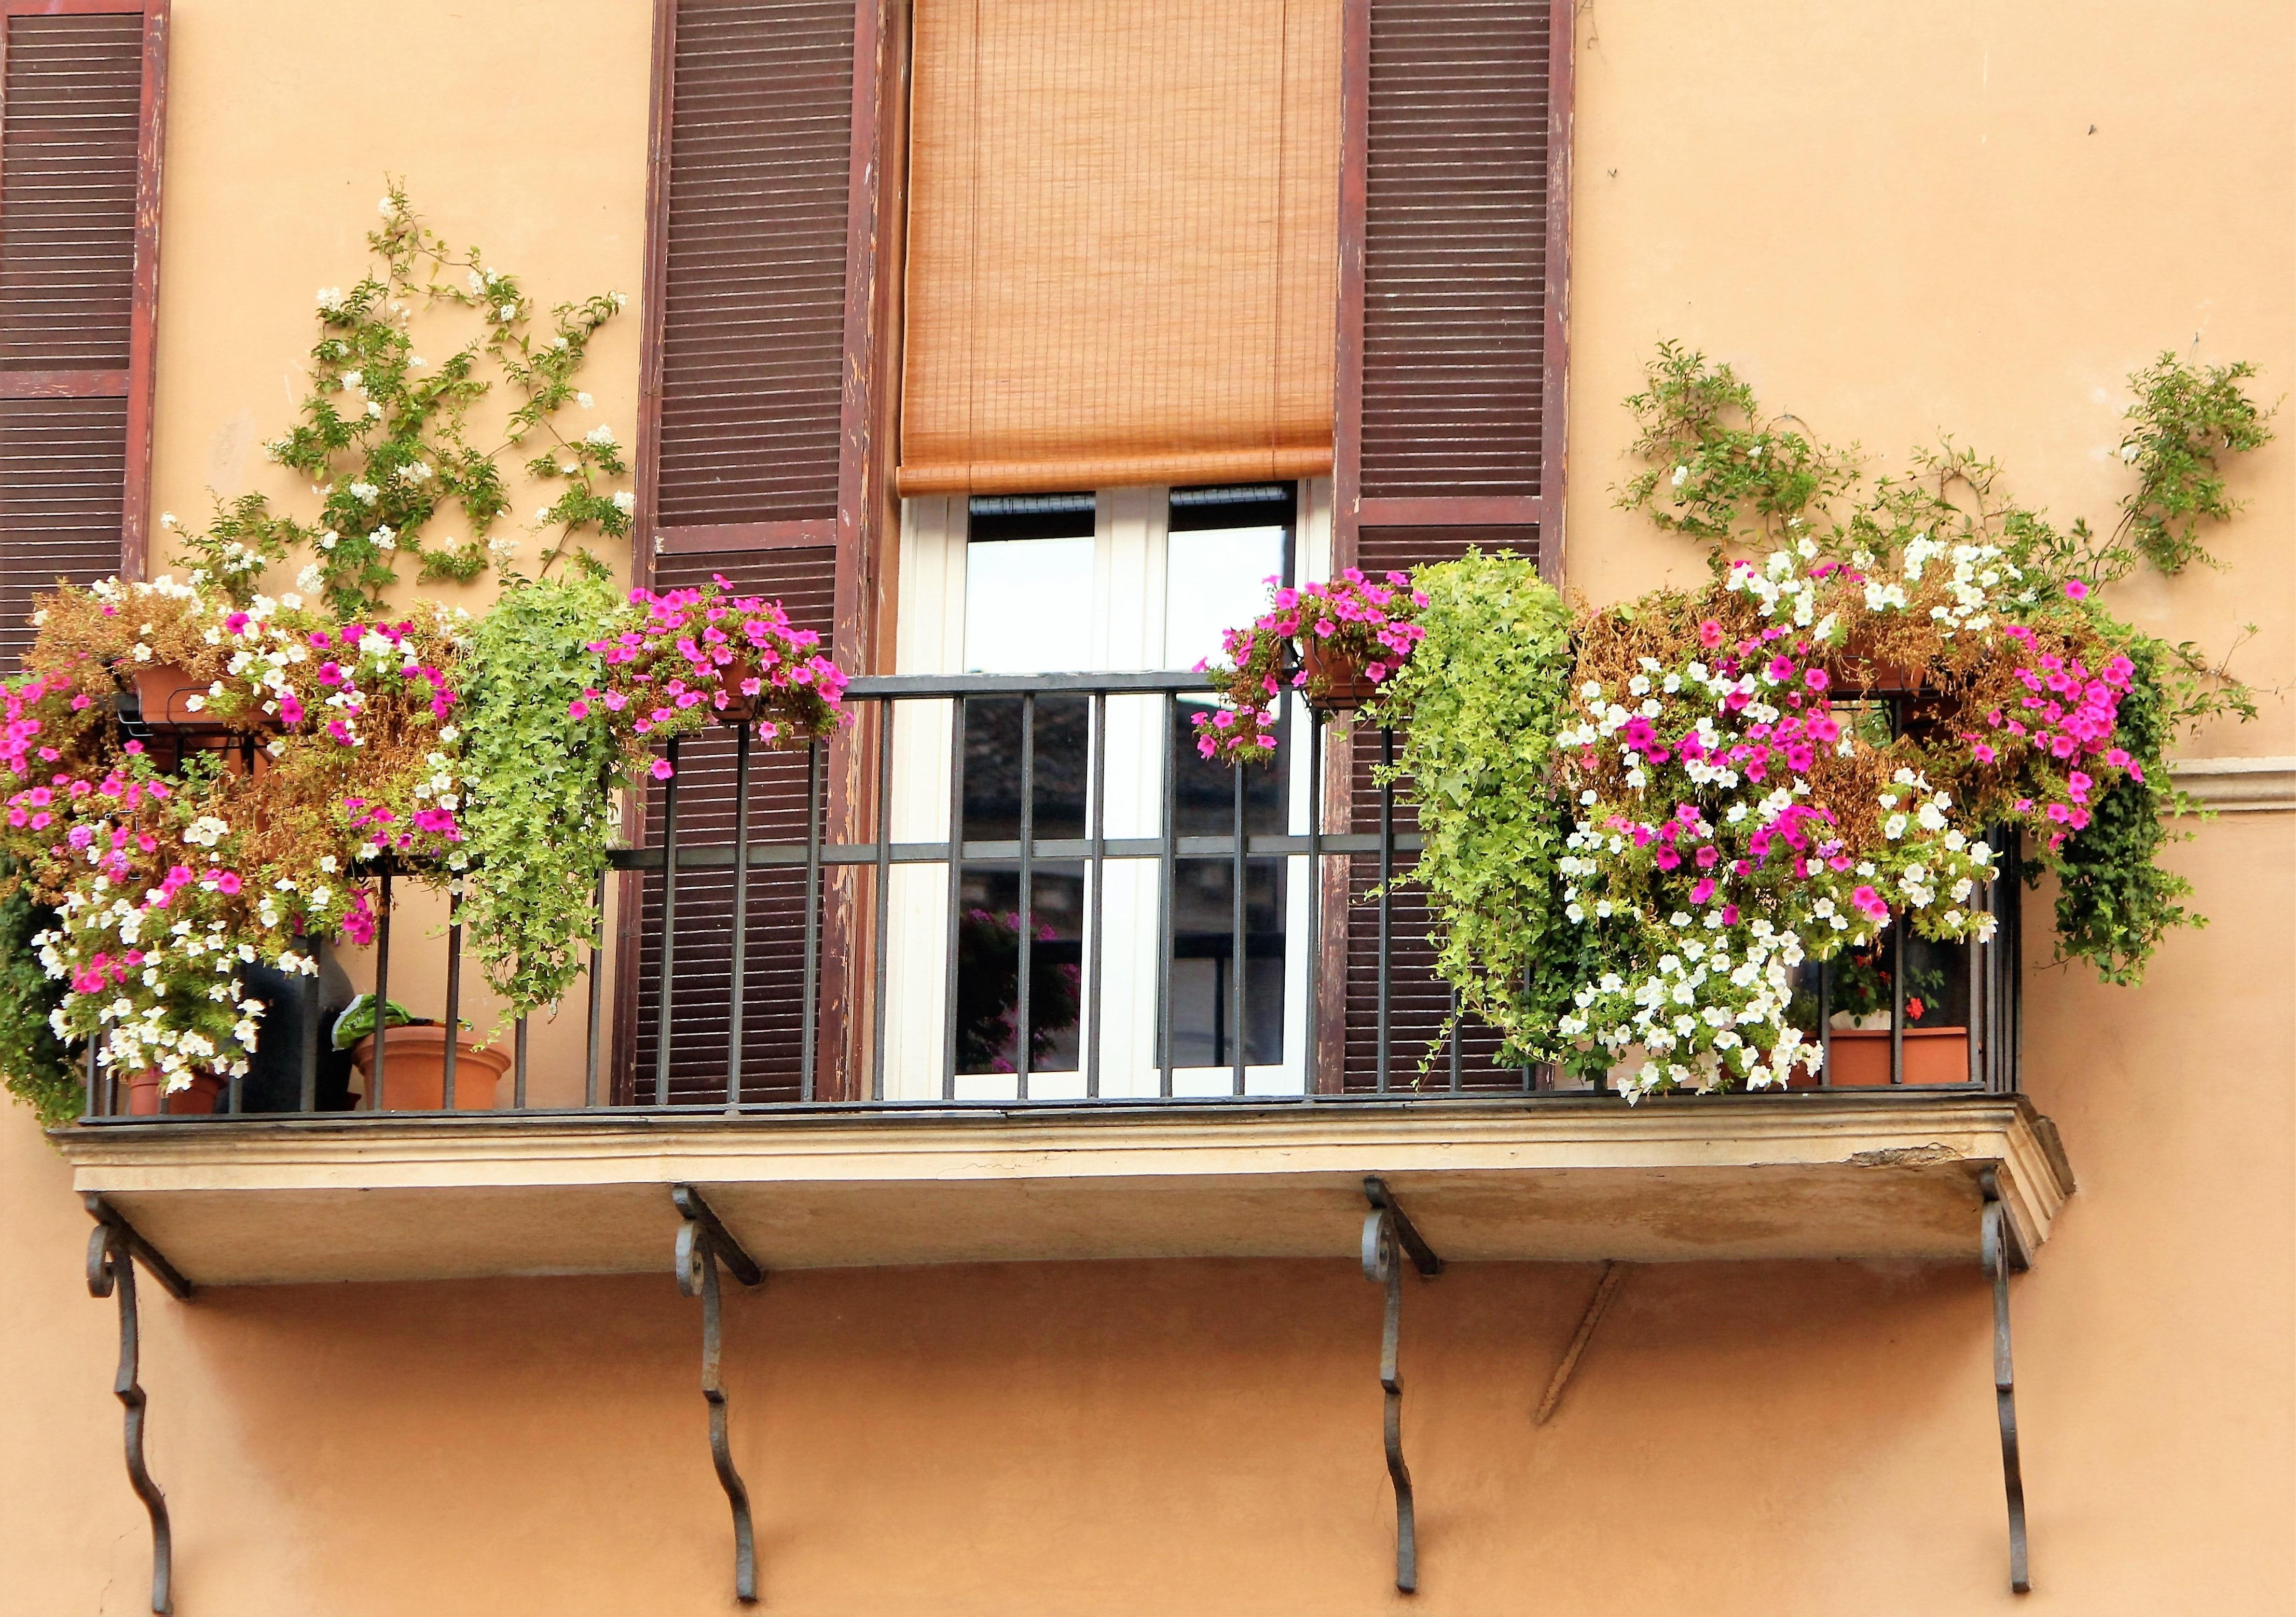 Images Gratuites Fleur Maison Balcon Romantique Facade